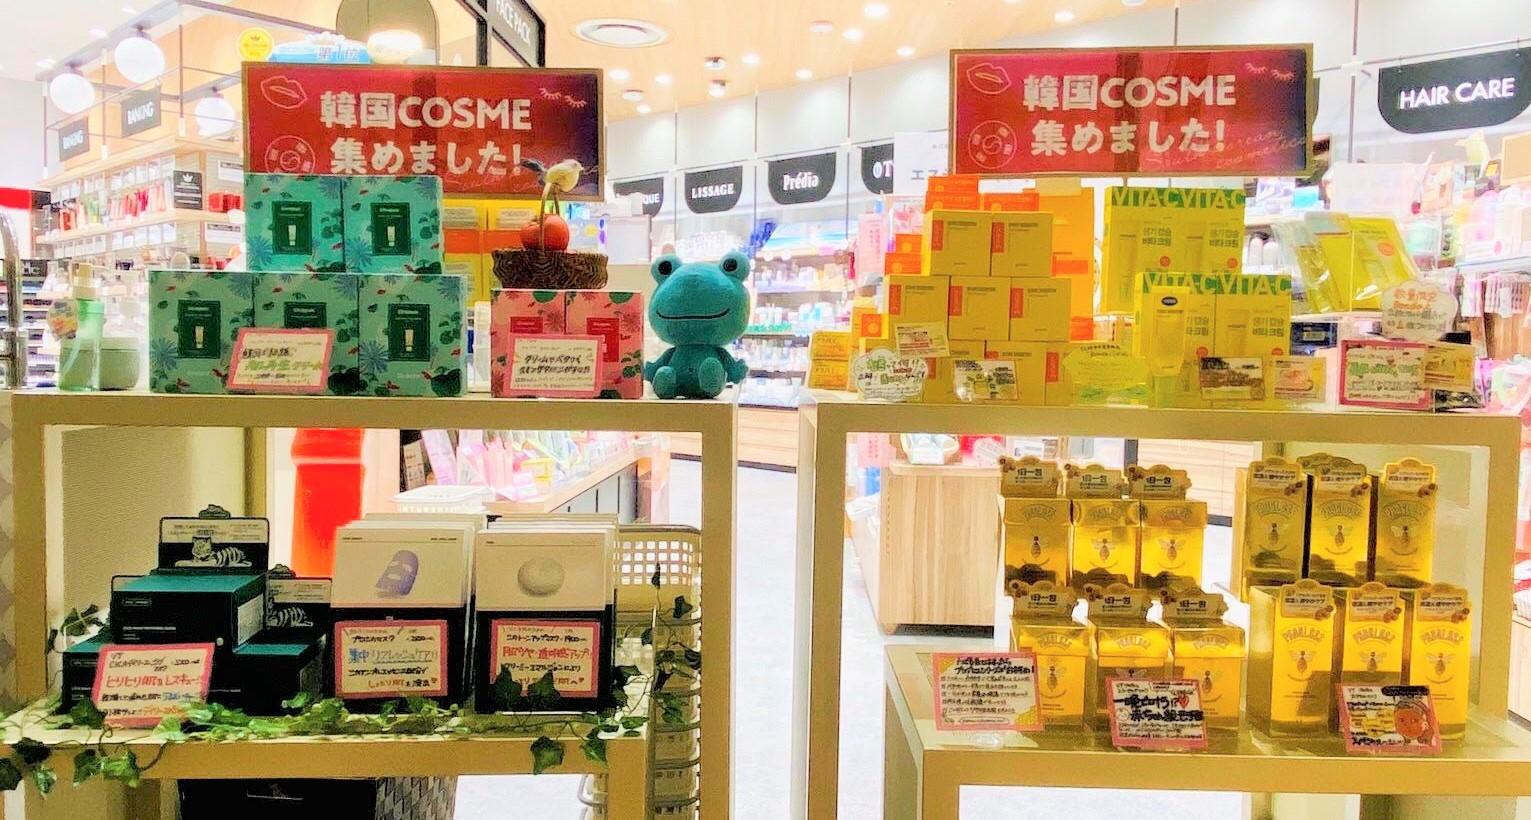 【ルクア大阪店】角質ケア・保湿・ハリ感。時短×美肌を叶える、お店で人気の「韓国コスメ」3アイテム